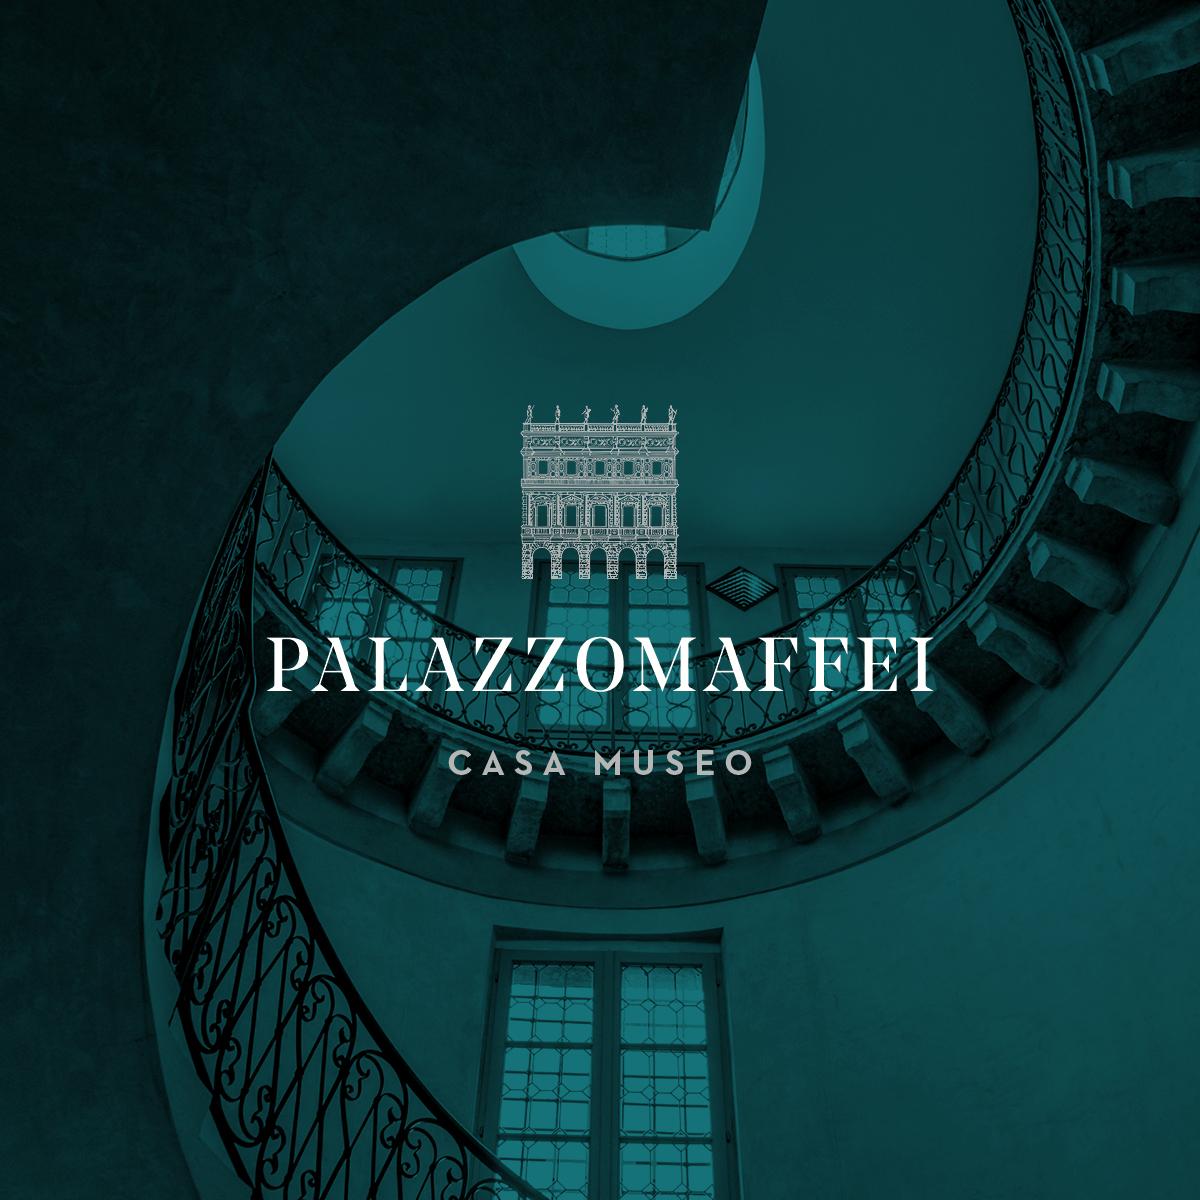 Palazzo-MaffeiCasa-Museo